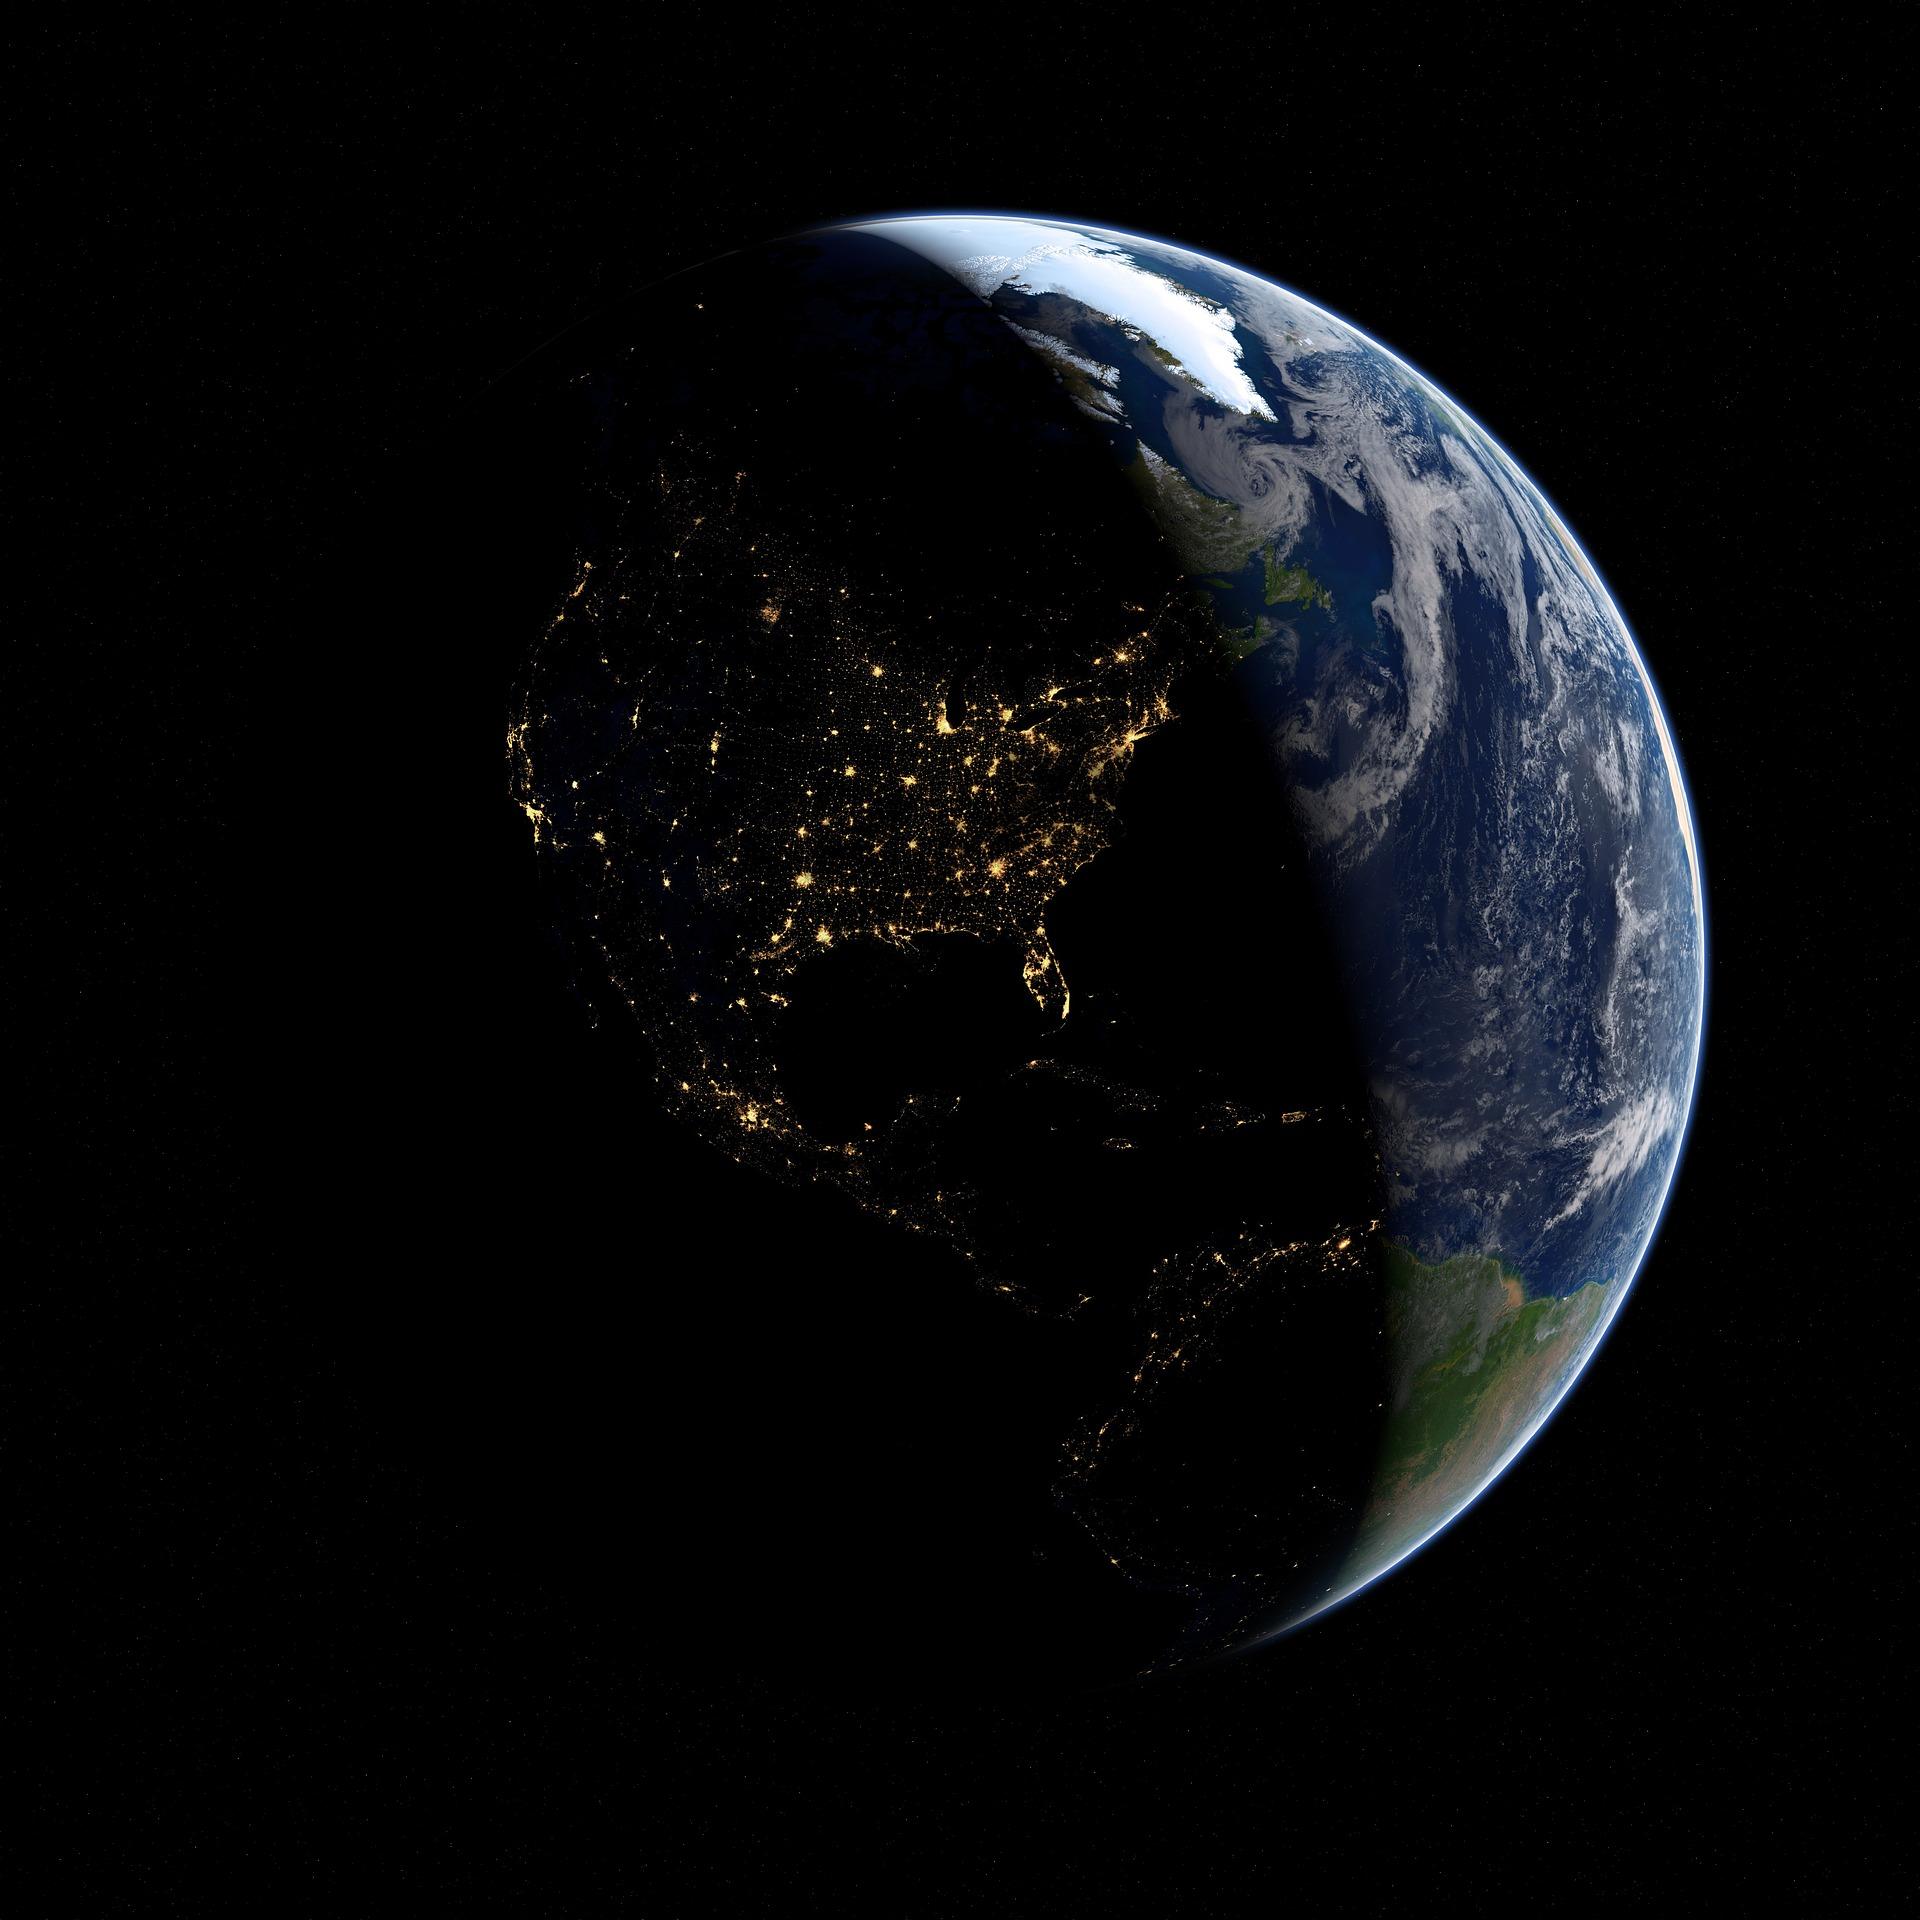 earth-2113669_1920.jpg